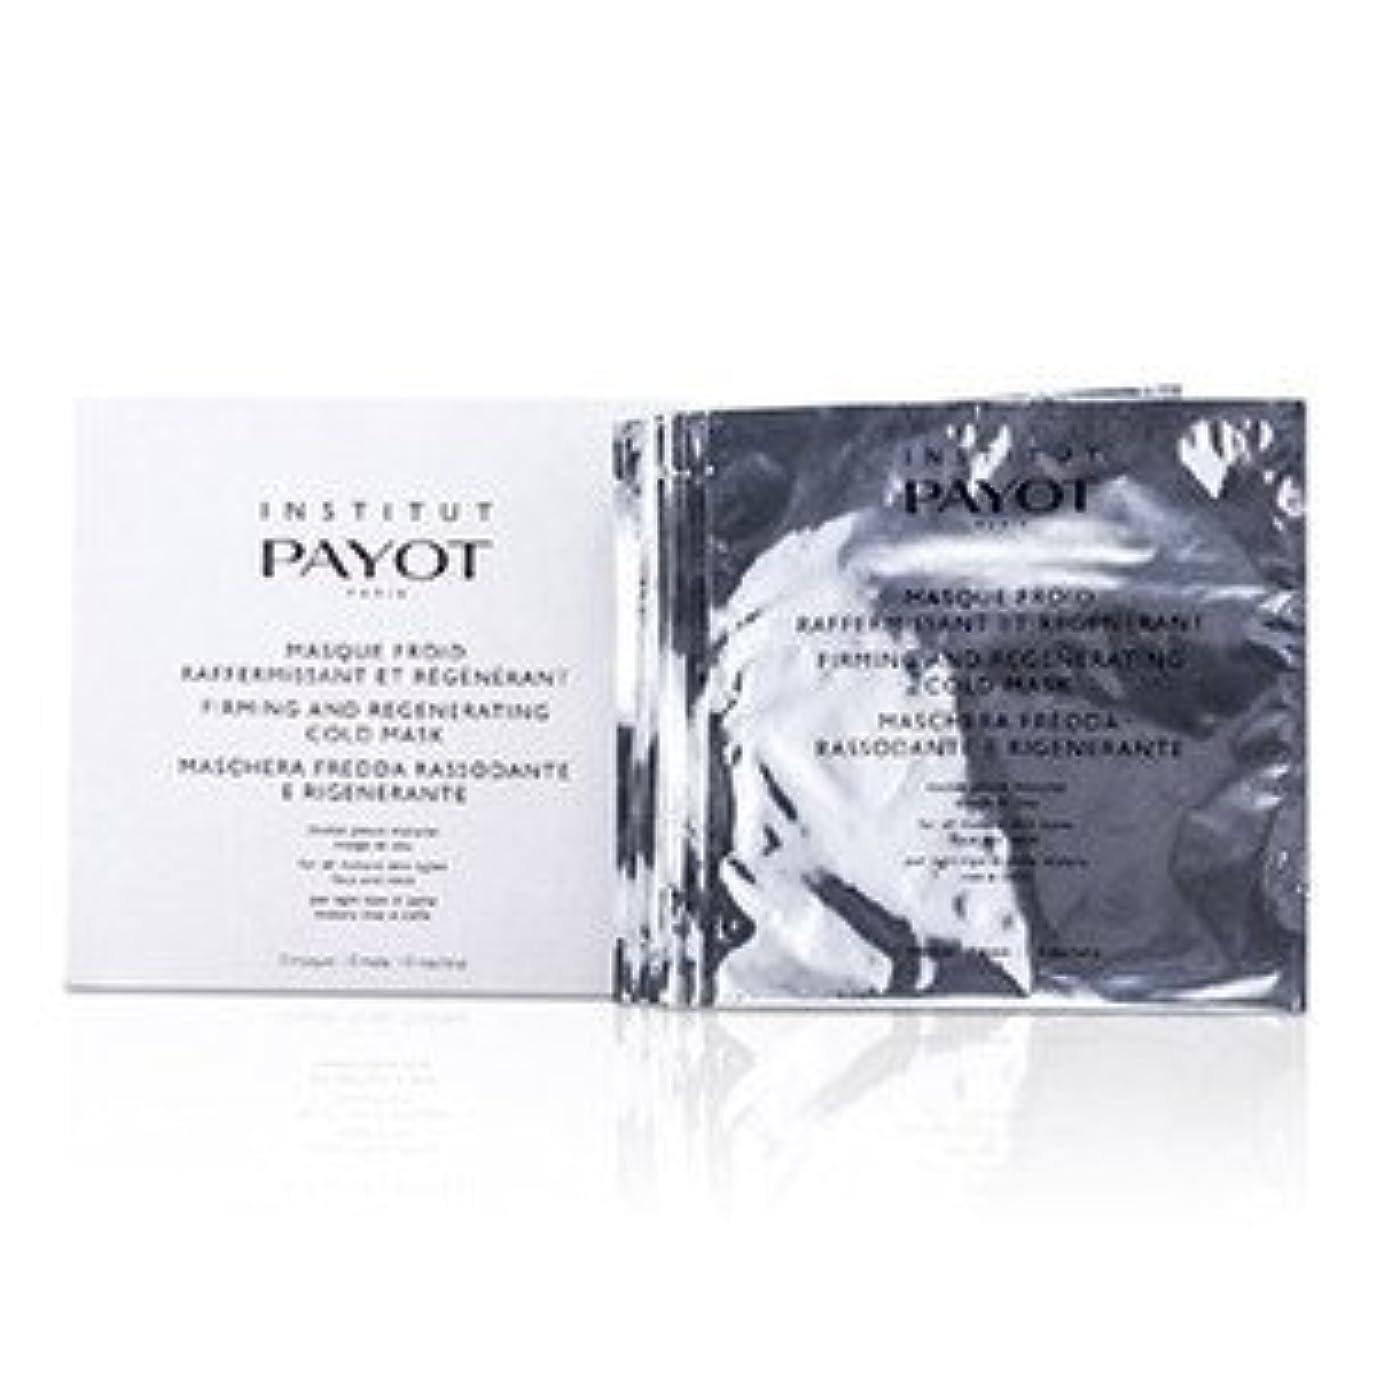 牛旧正月庭園Payot ファーミング&リジェネレーティング コールド マスク 10枚入り [並行輸入品]